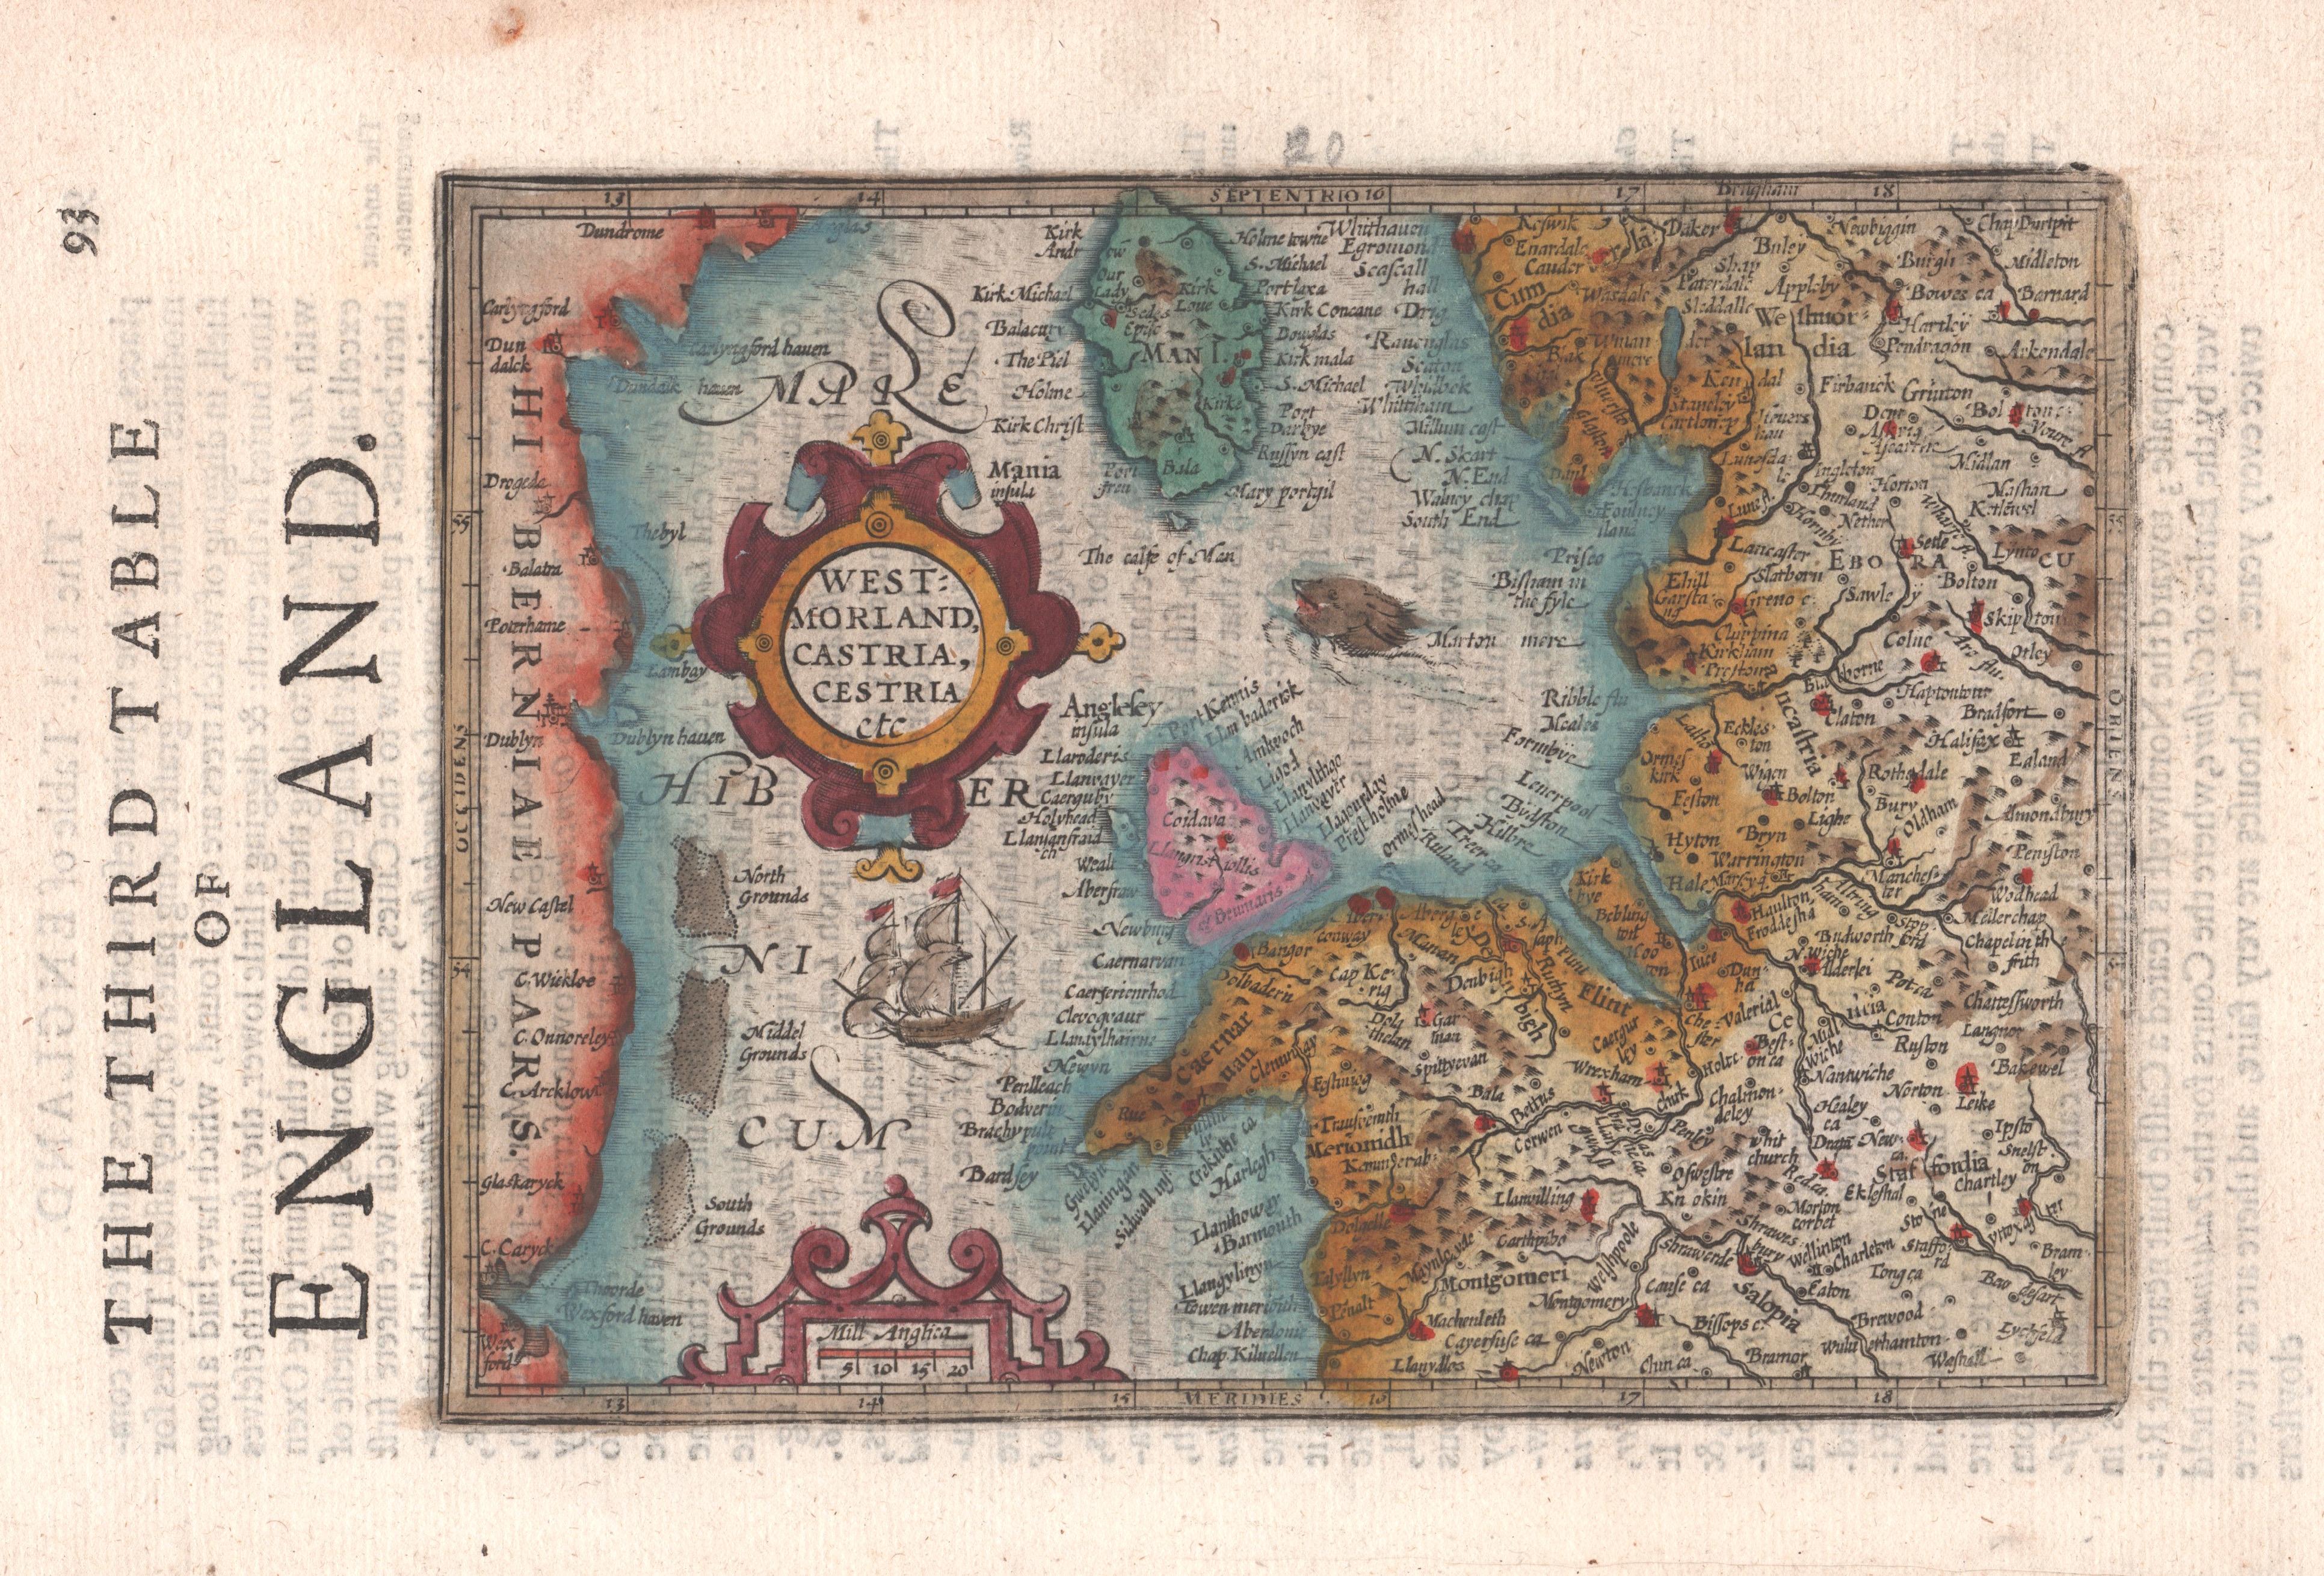 Sparke  The third table of England. / Westmorland, Castria, Cestria etc